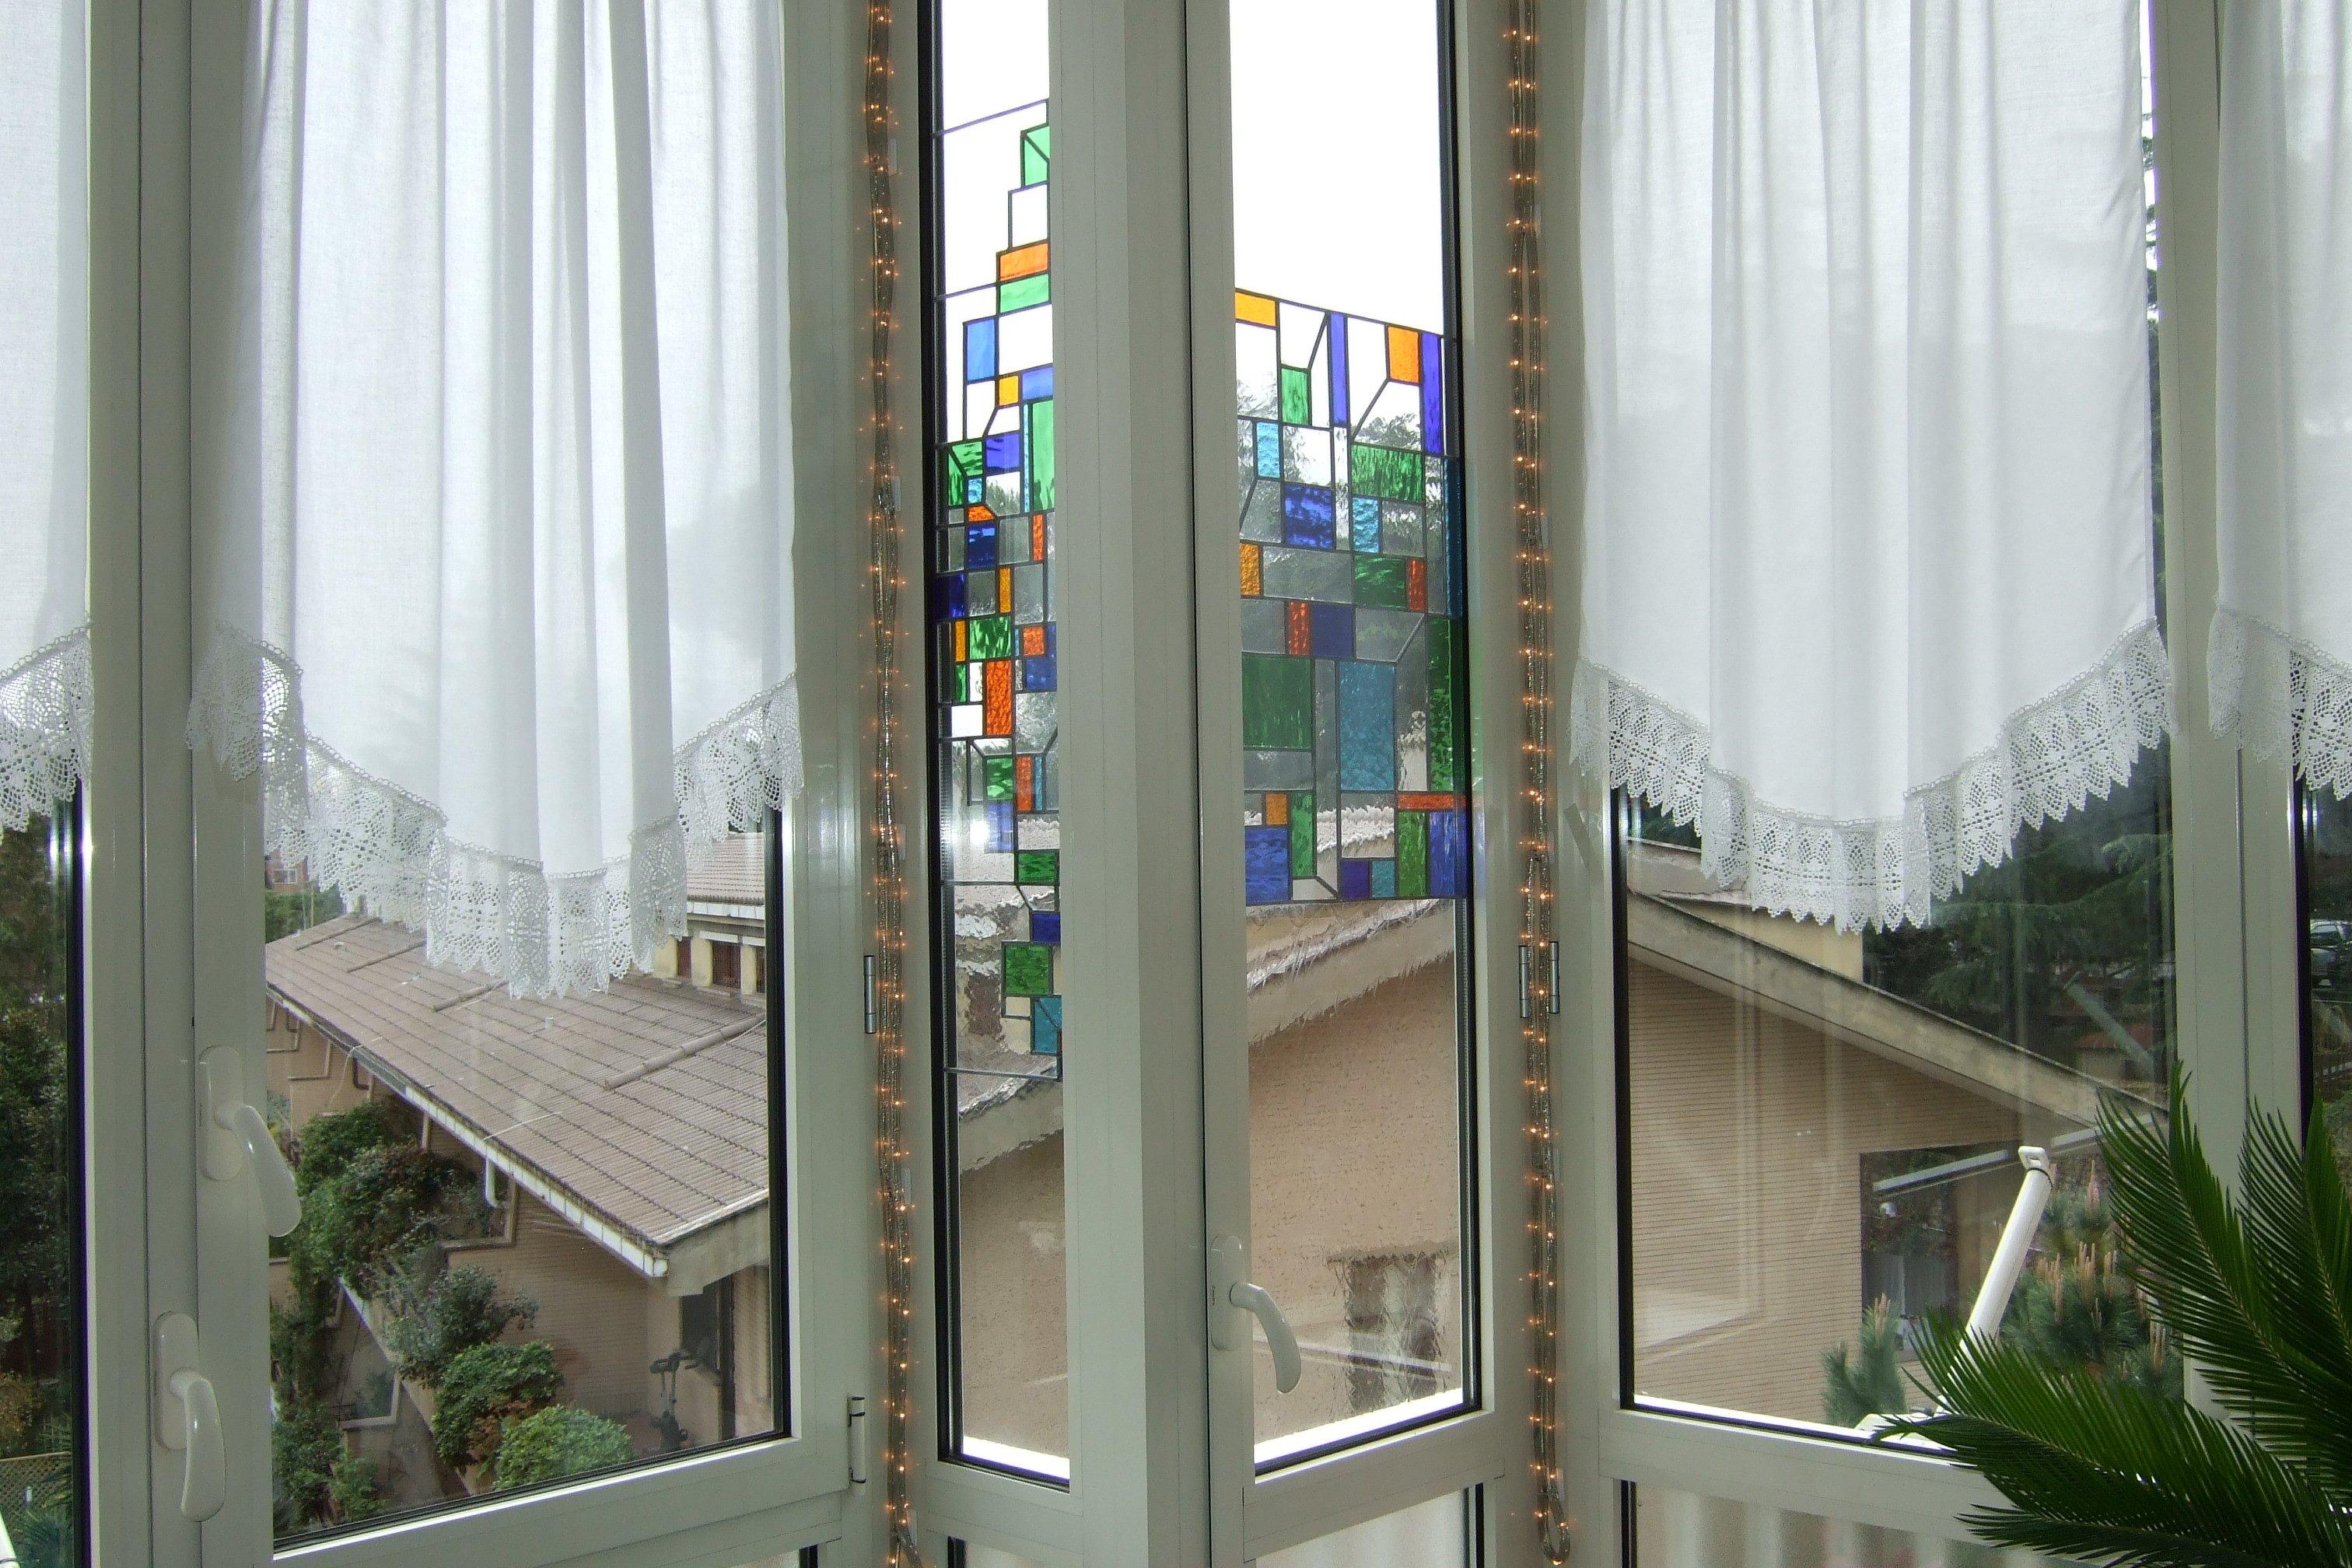 Finestra con vetro colorato